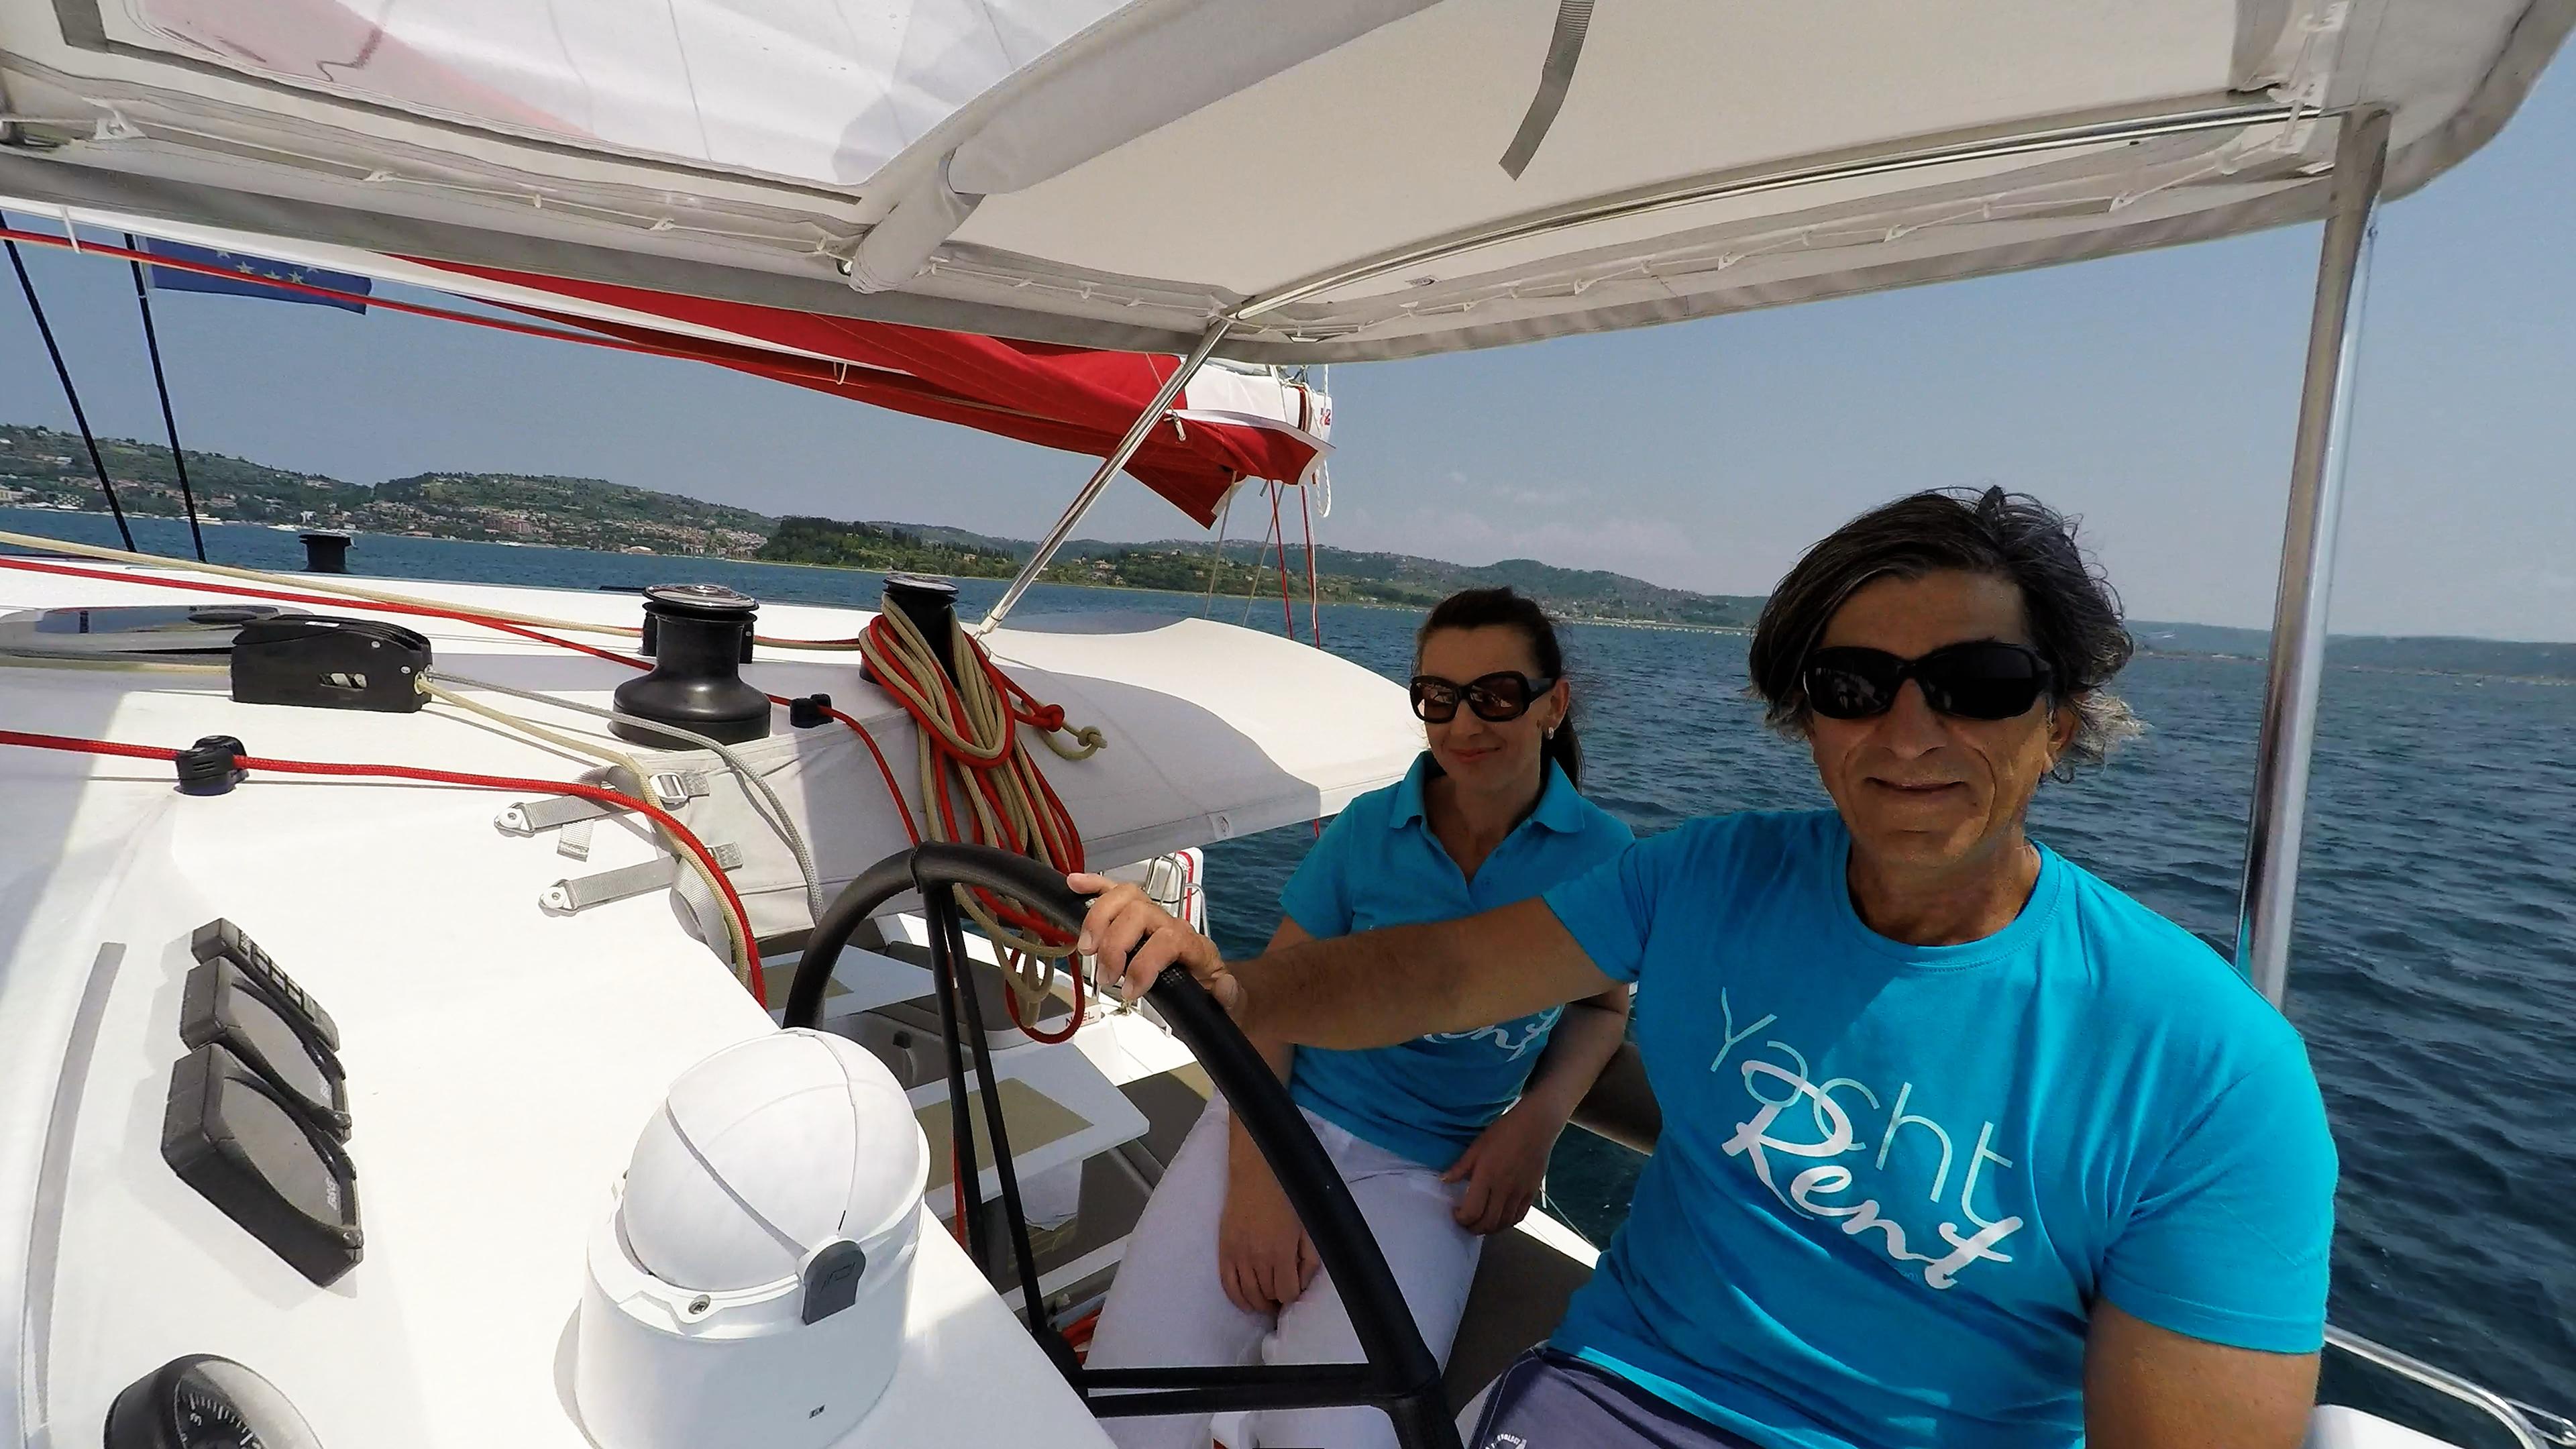 skipper e ragazza behind ruota del timone di trimarano  neel 45 yacht 3